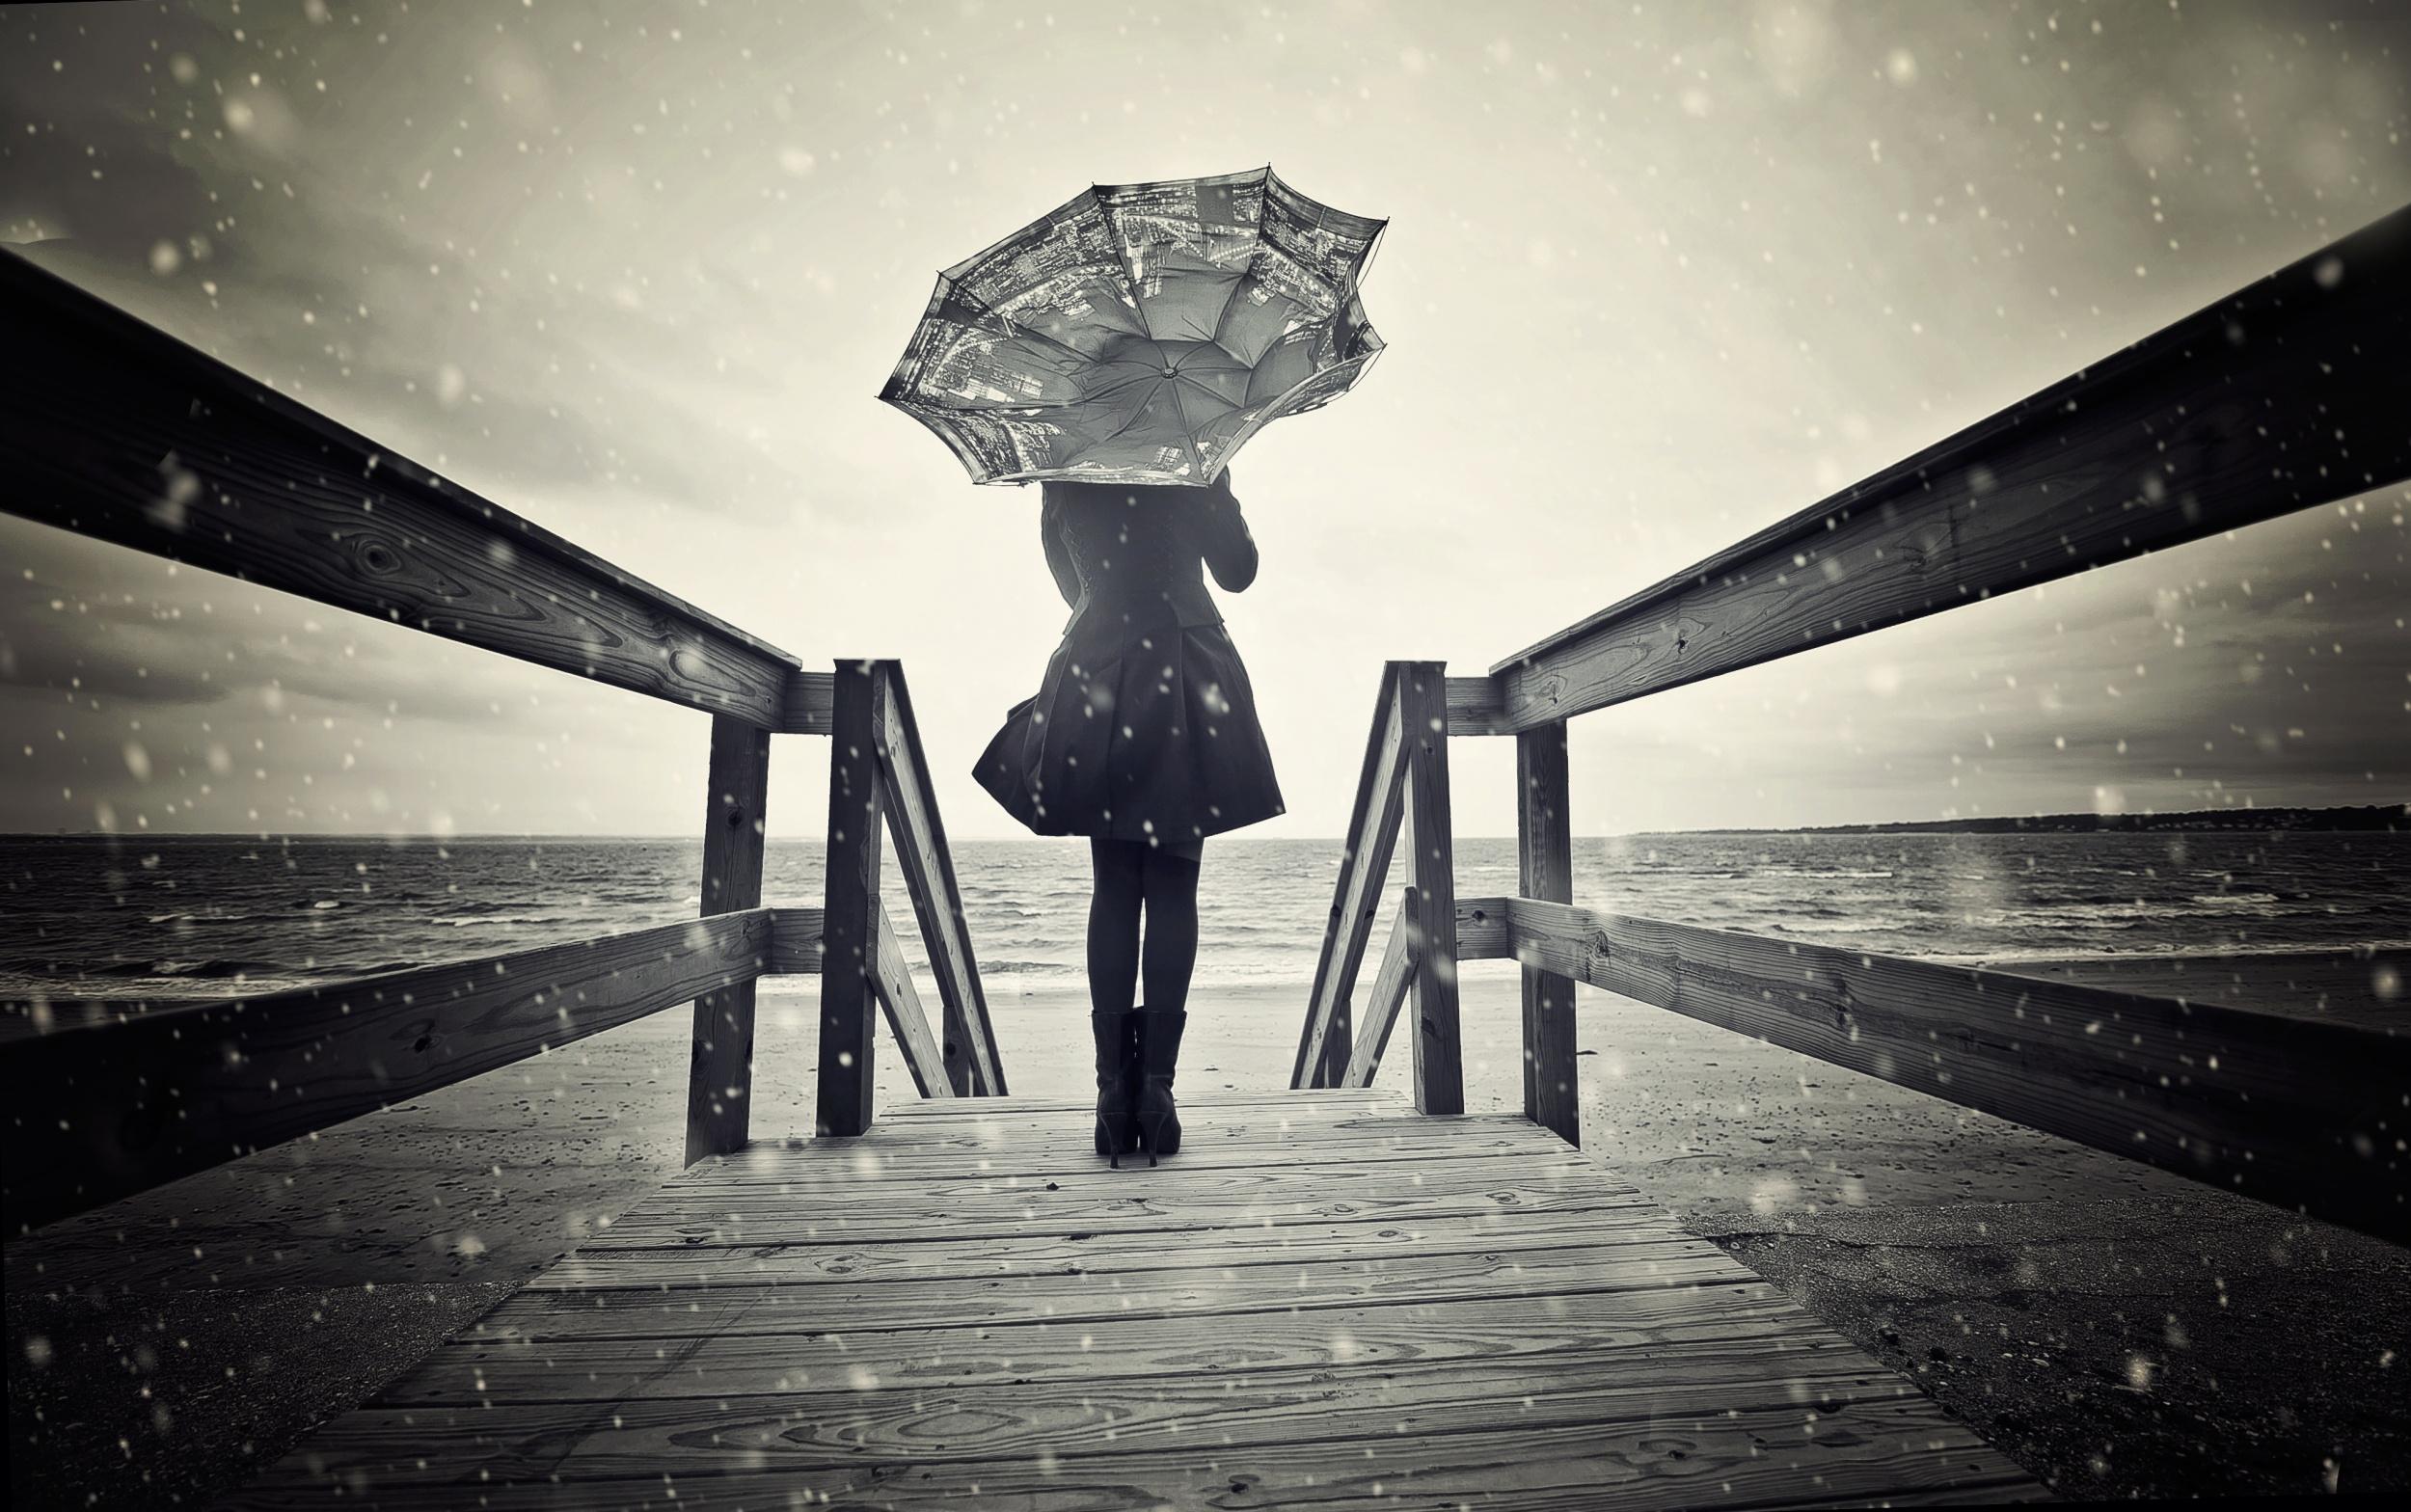 Hình nền cô gái buồn dưới mưa